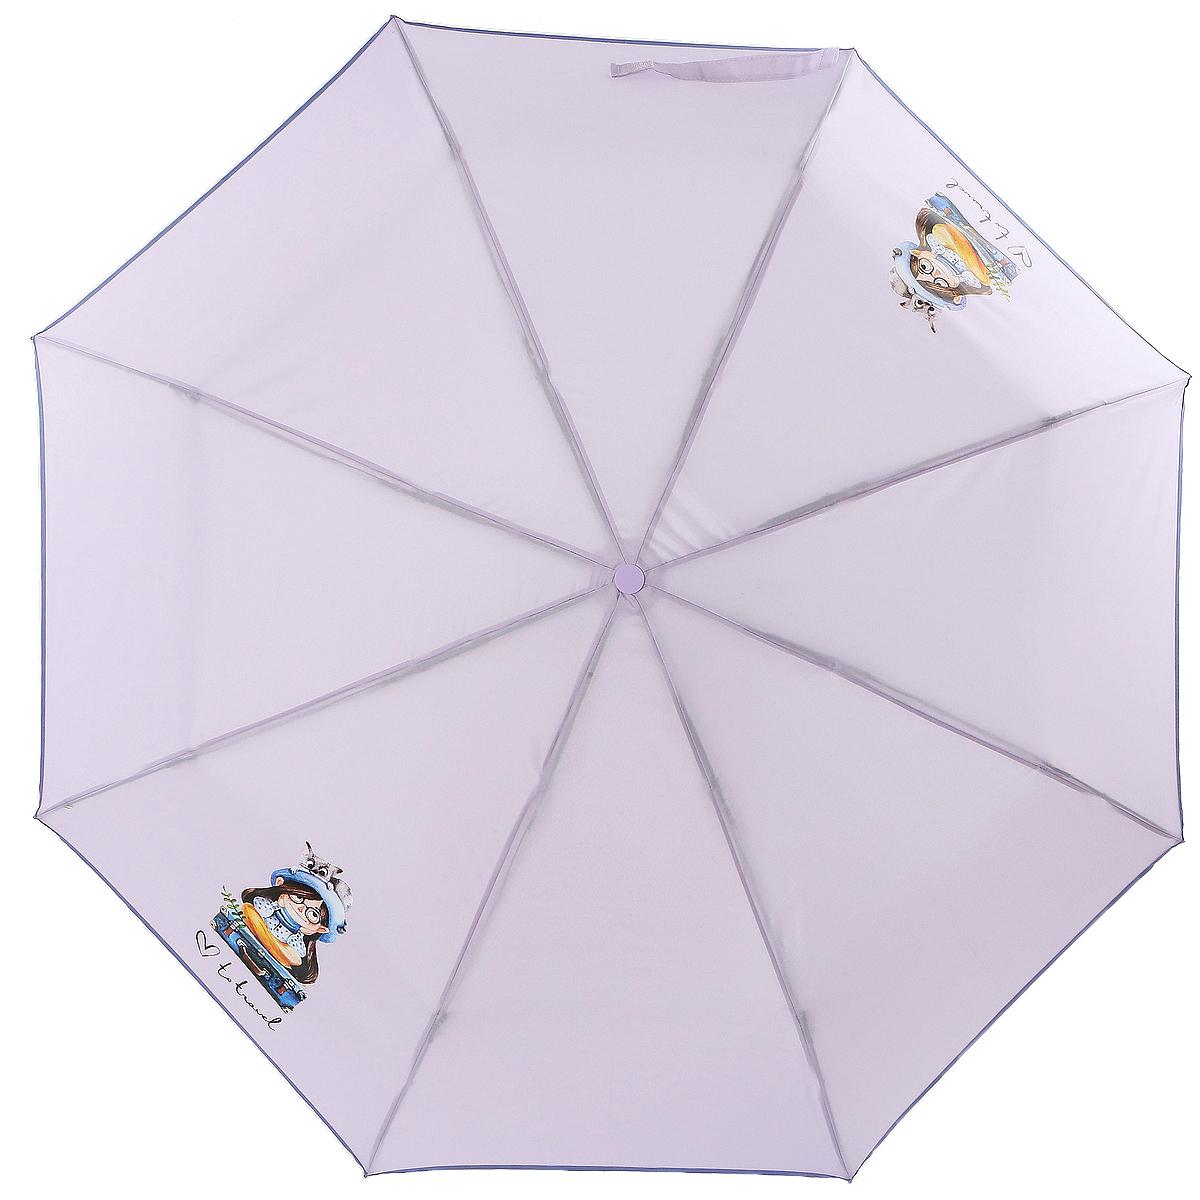 Зонт Artrain арт.3511-1711 зонт artrain механический 3 сложения цвет синий 3517 1732